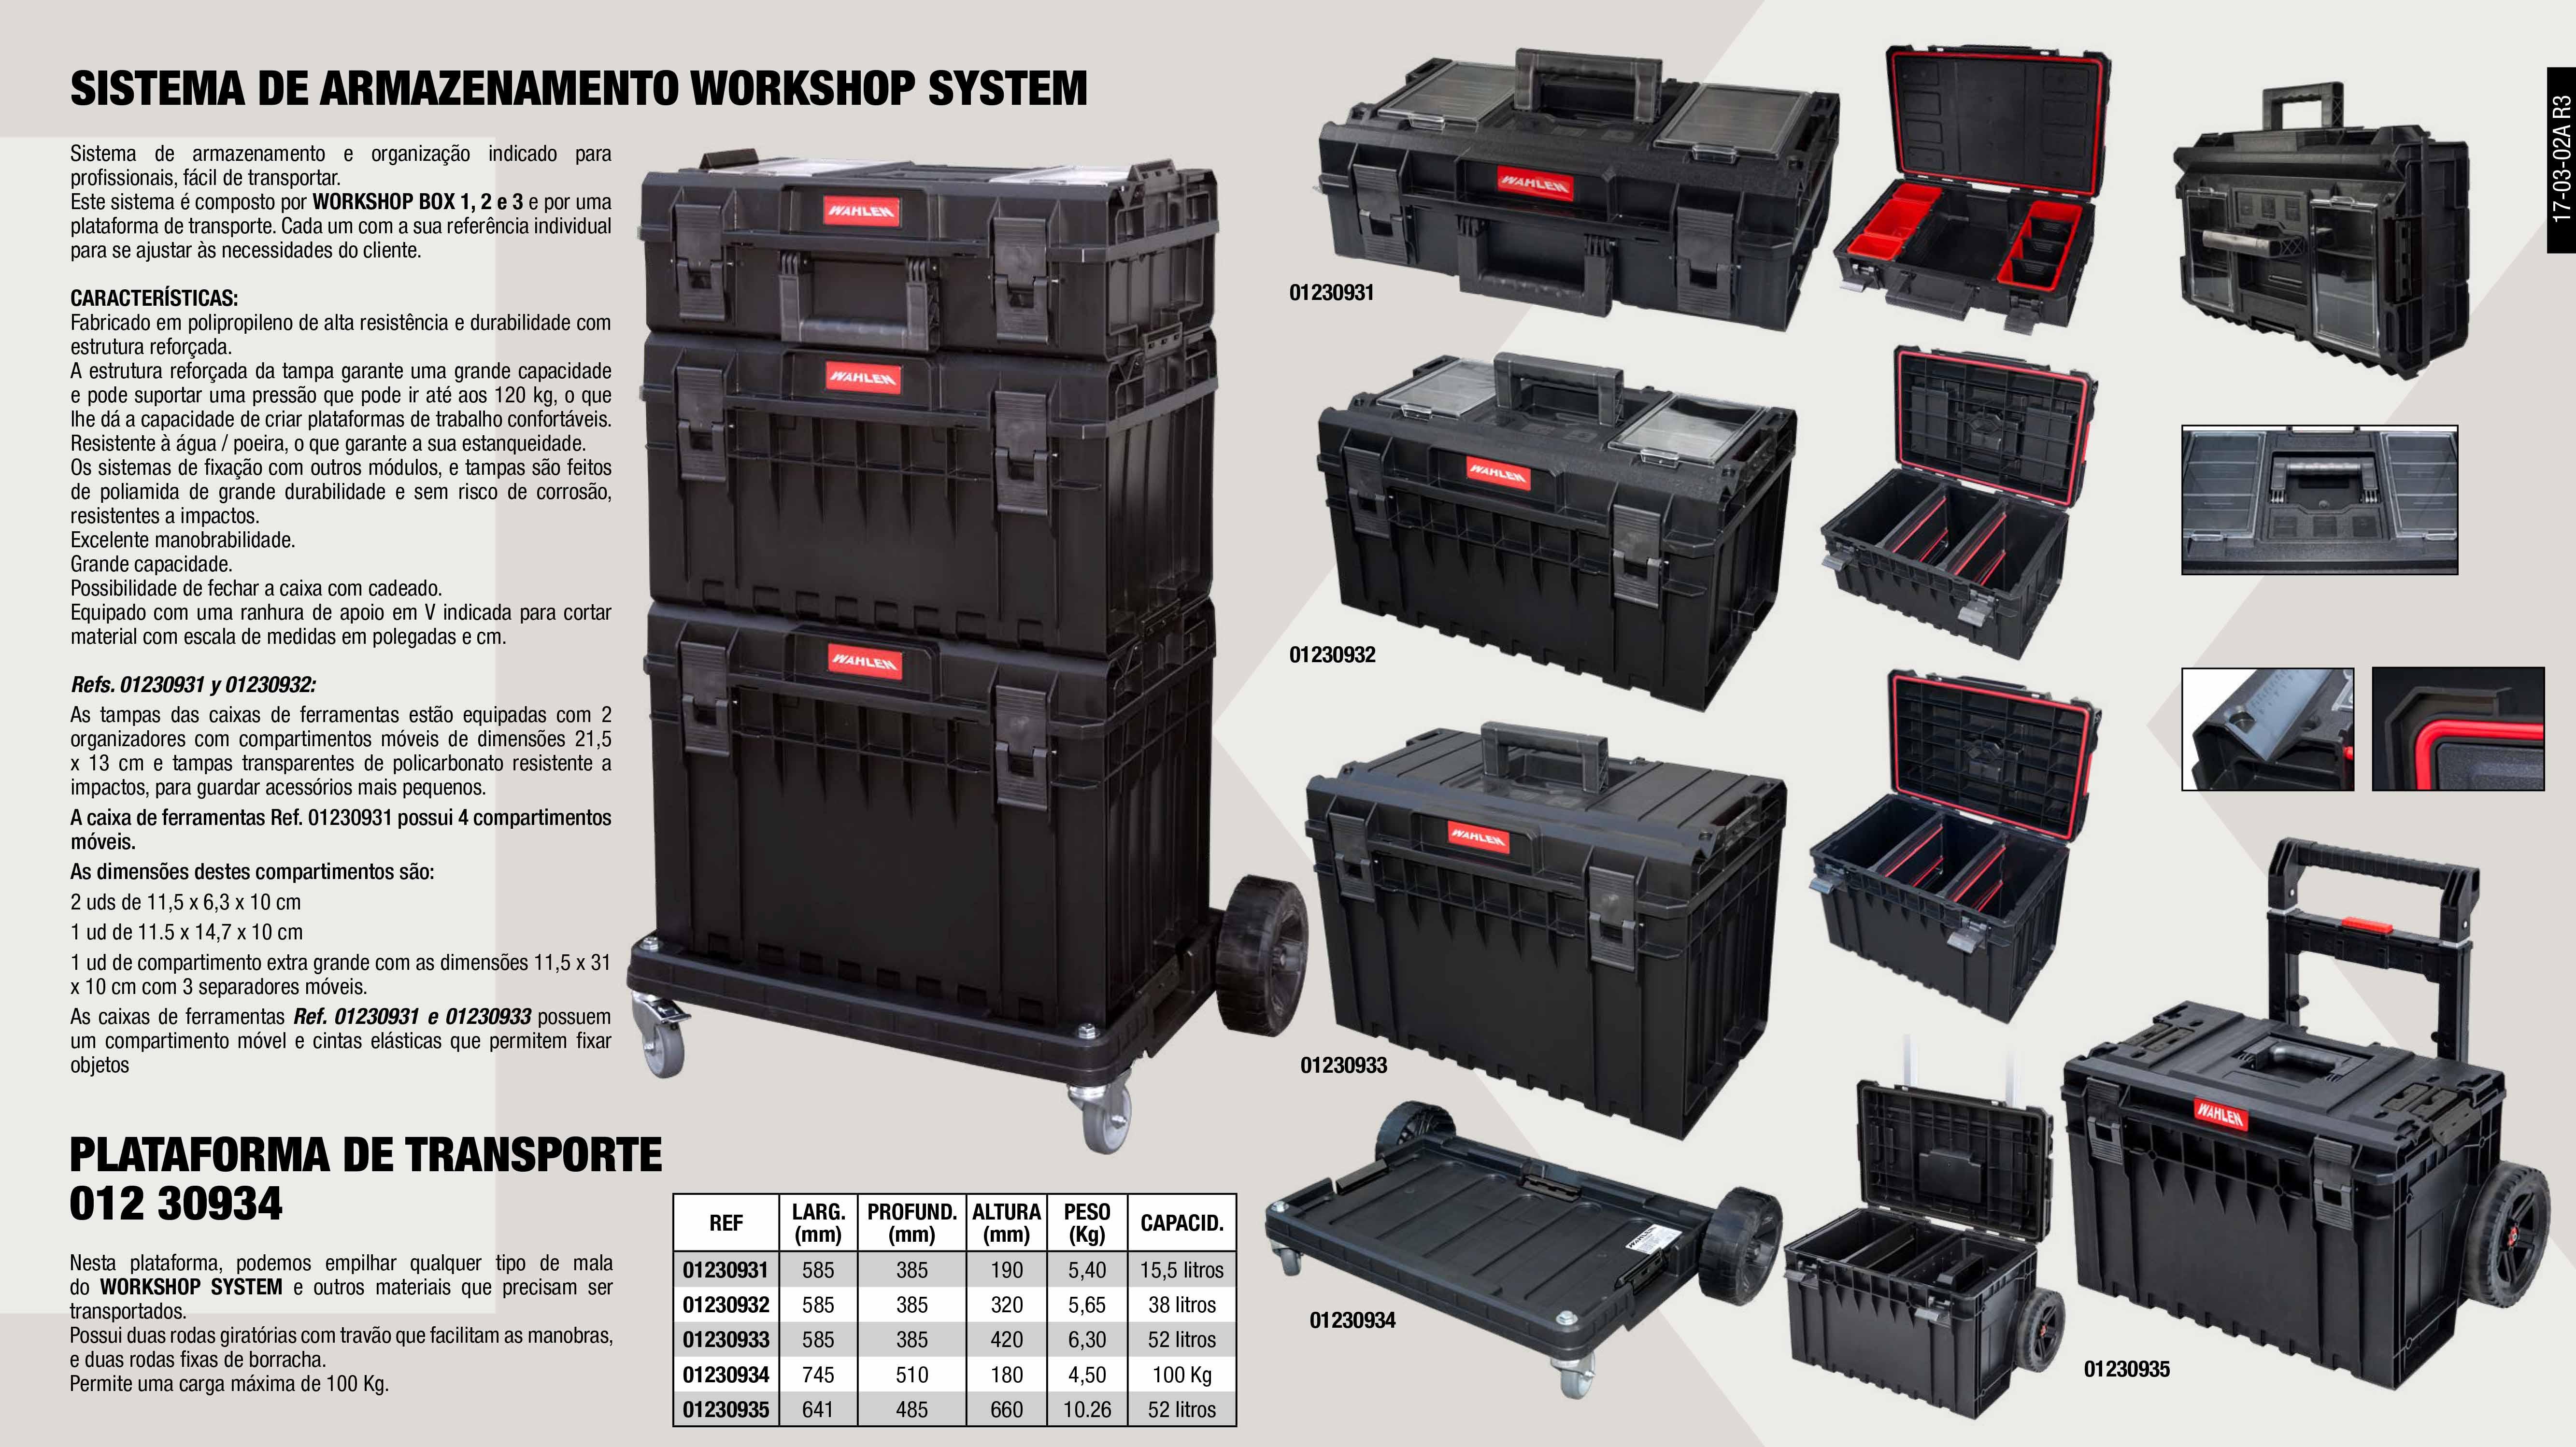 WORKSHOP SYSTEM WAHLEN 1                                    ,  WORKSHOP SYSTEM WAHLEN 3                                    ,  WORKSHOP SYSTEM TRANSPORT PLATFORM                          ,  WORKSHOP SYSTEM WAHLEN 2                                    ,